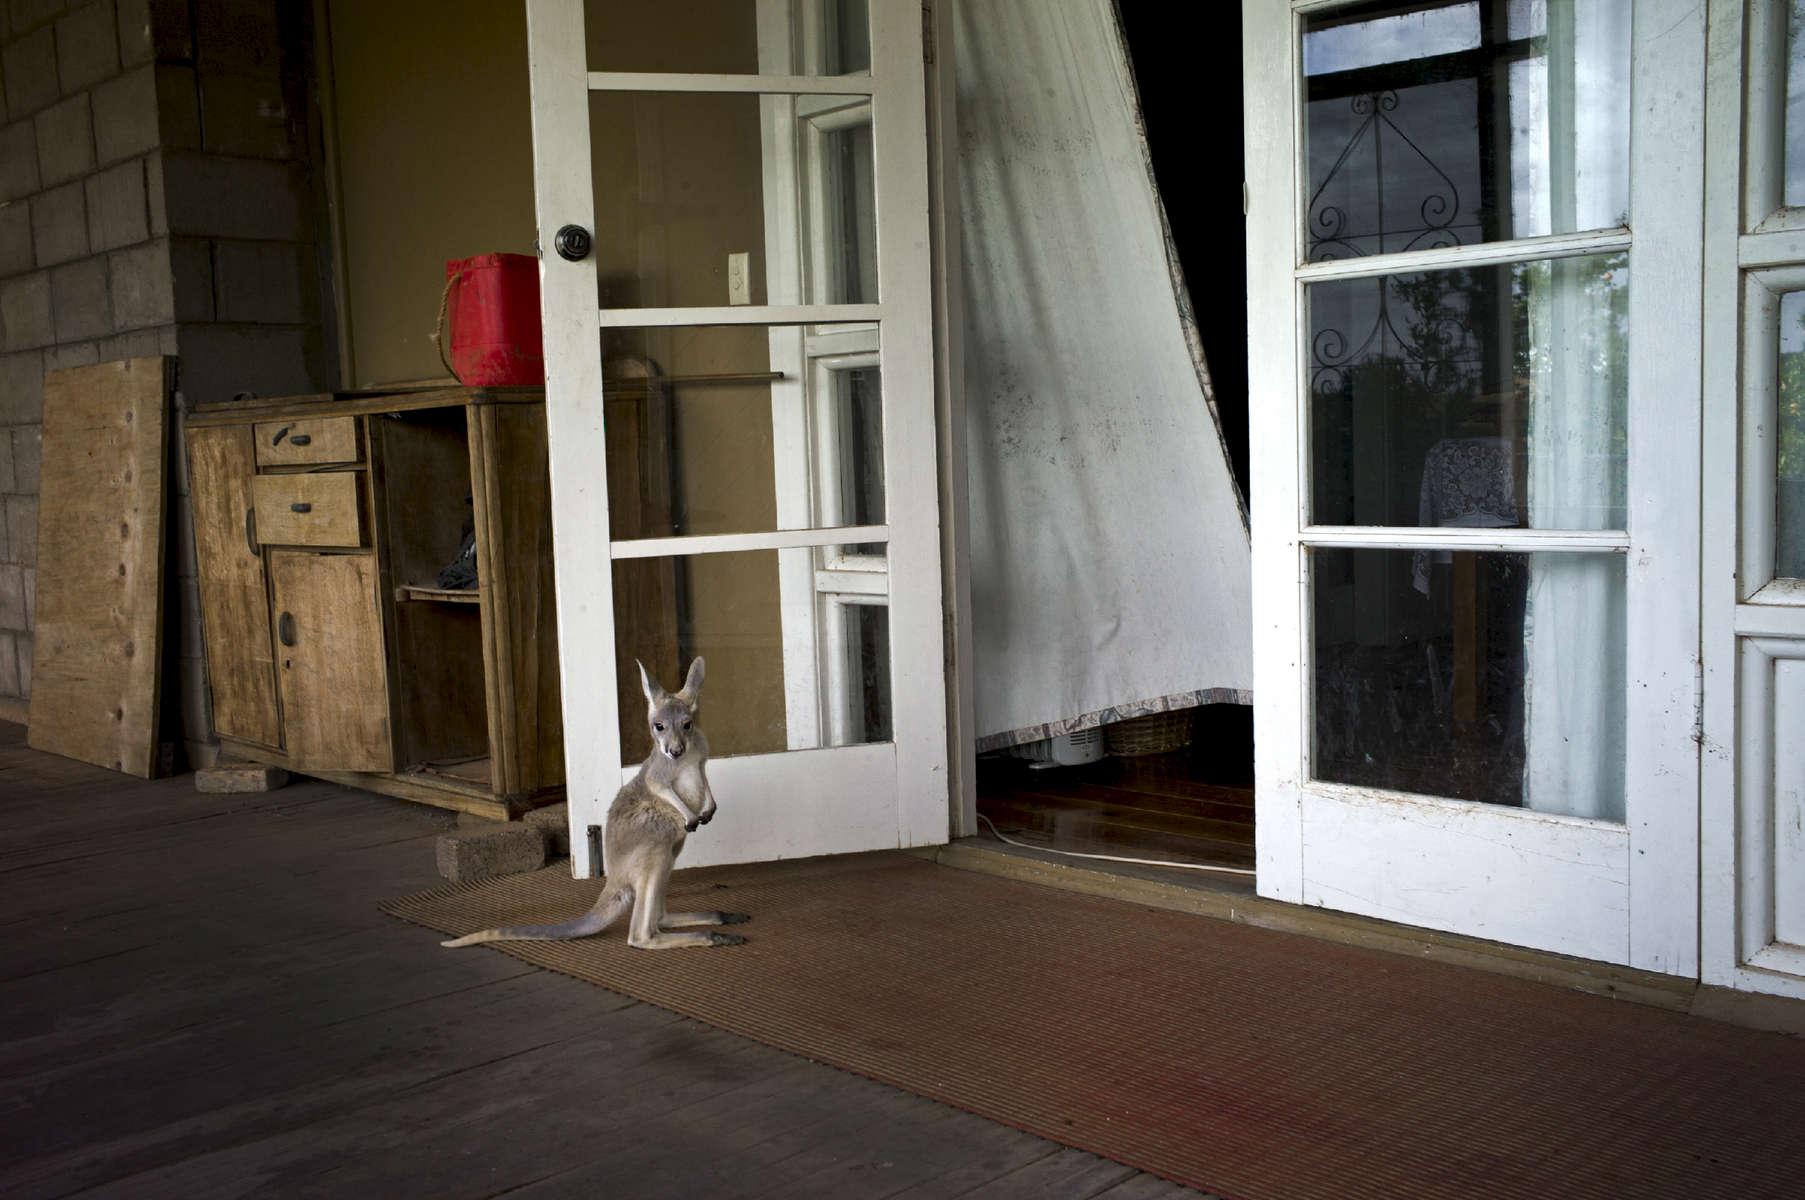 La famille Creed a trouvé un walibi sur le bord de la route auprès de sa mère qui venait de se faire tuer par une voiture. Ils l'ont ramené chez eux afin de le soigner et de s'occuper de lui. Ferme de Cawnalmurtee sur une propriété de 8000 hectares. Nouvelles Galle du Sud, Australie, 2011.